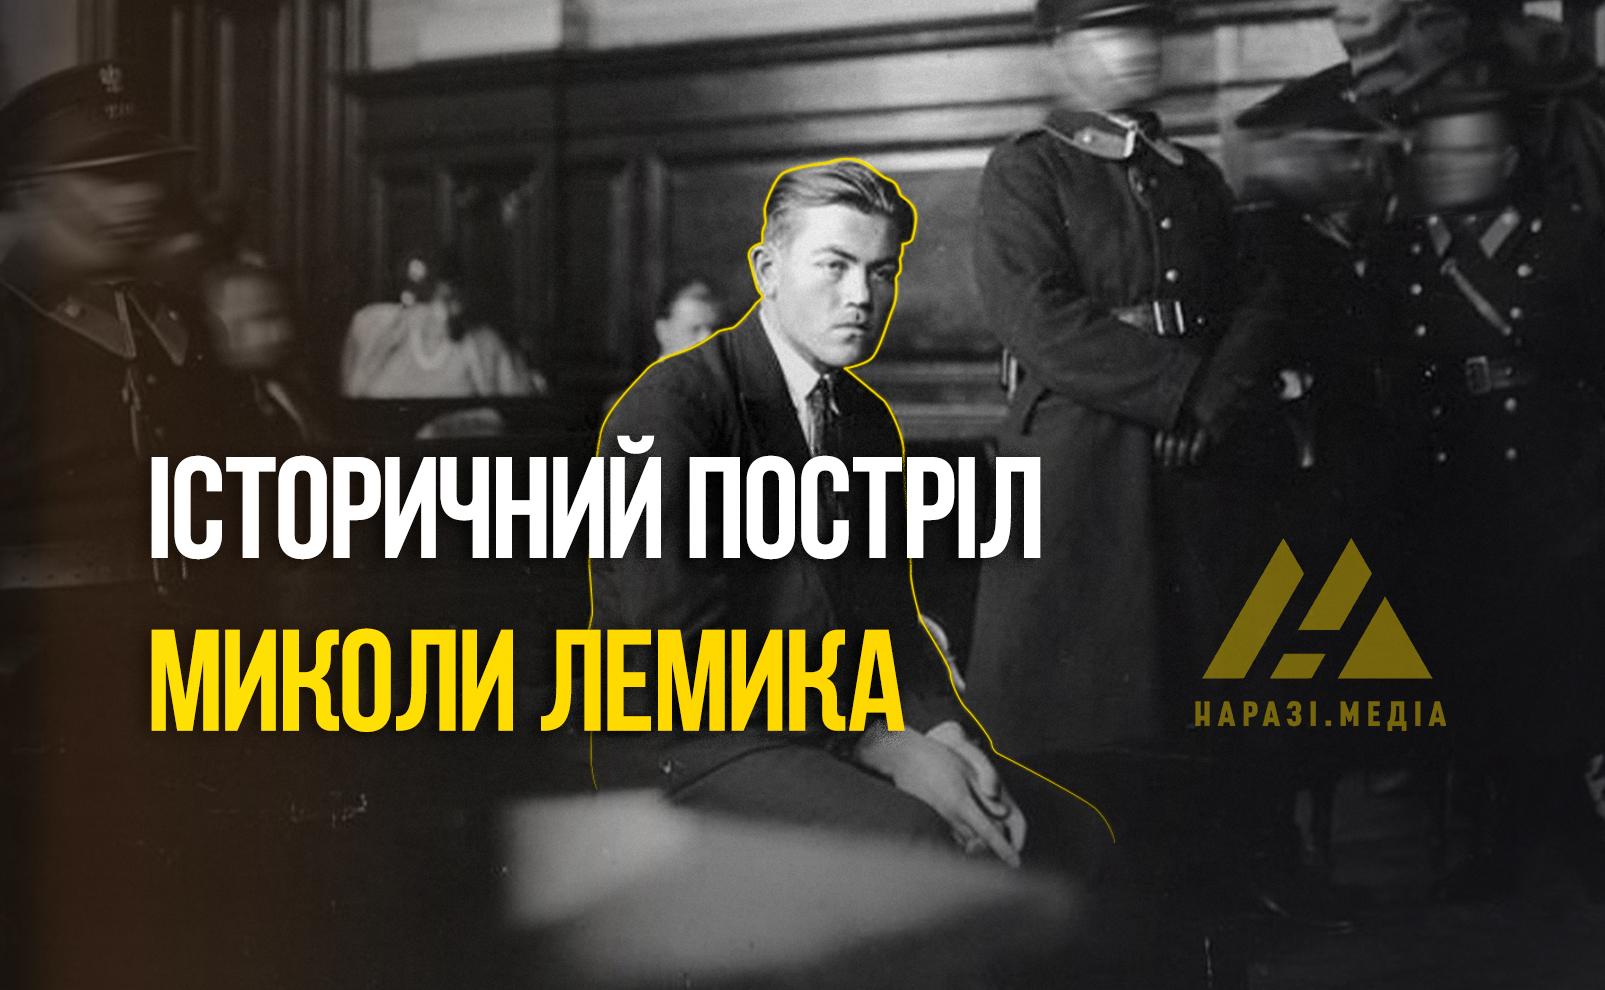 Як Микола Лемик врятував мільйони